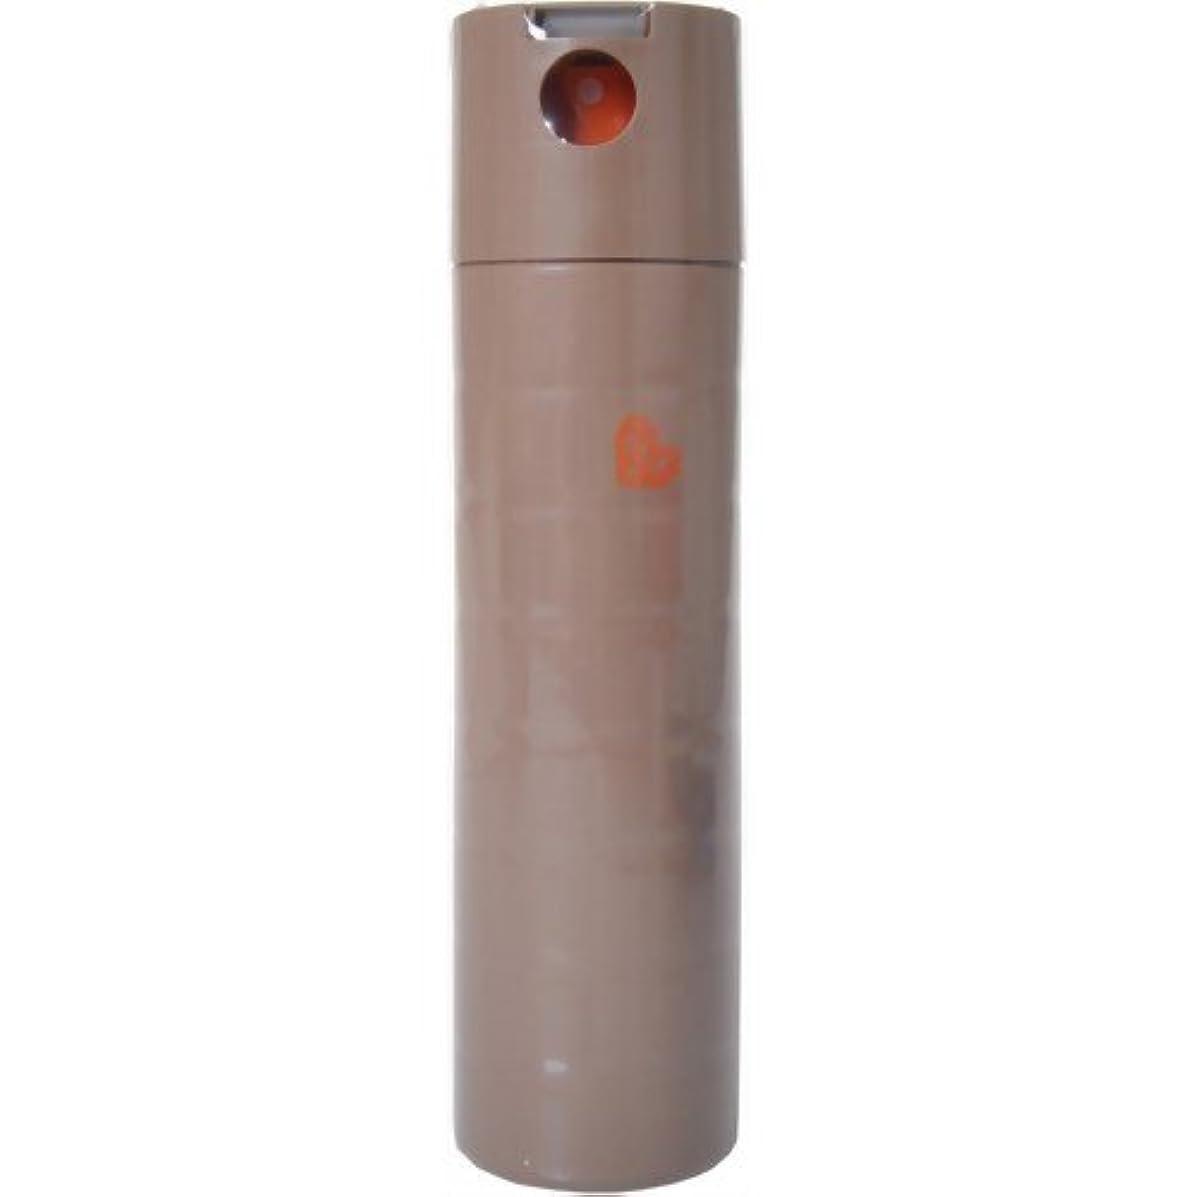 精査する全国褐色アリミノ ピース ワックススプレー カフェオレ 143g (200mL)